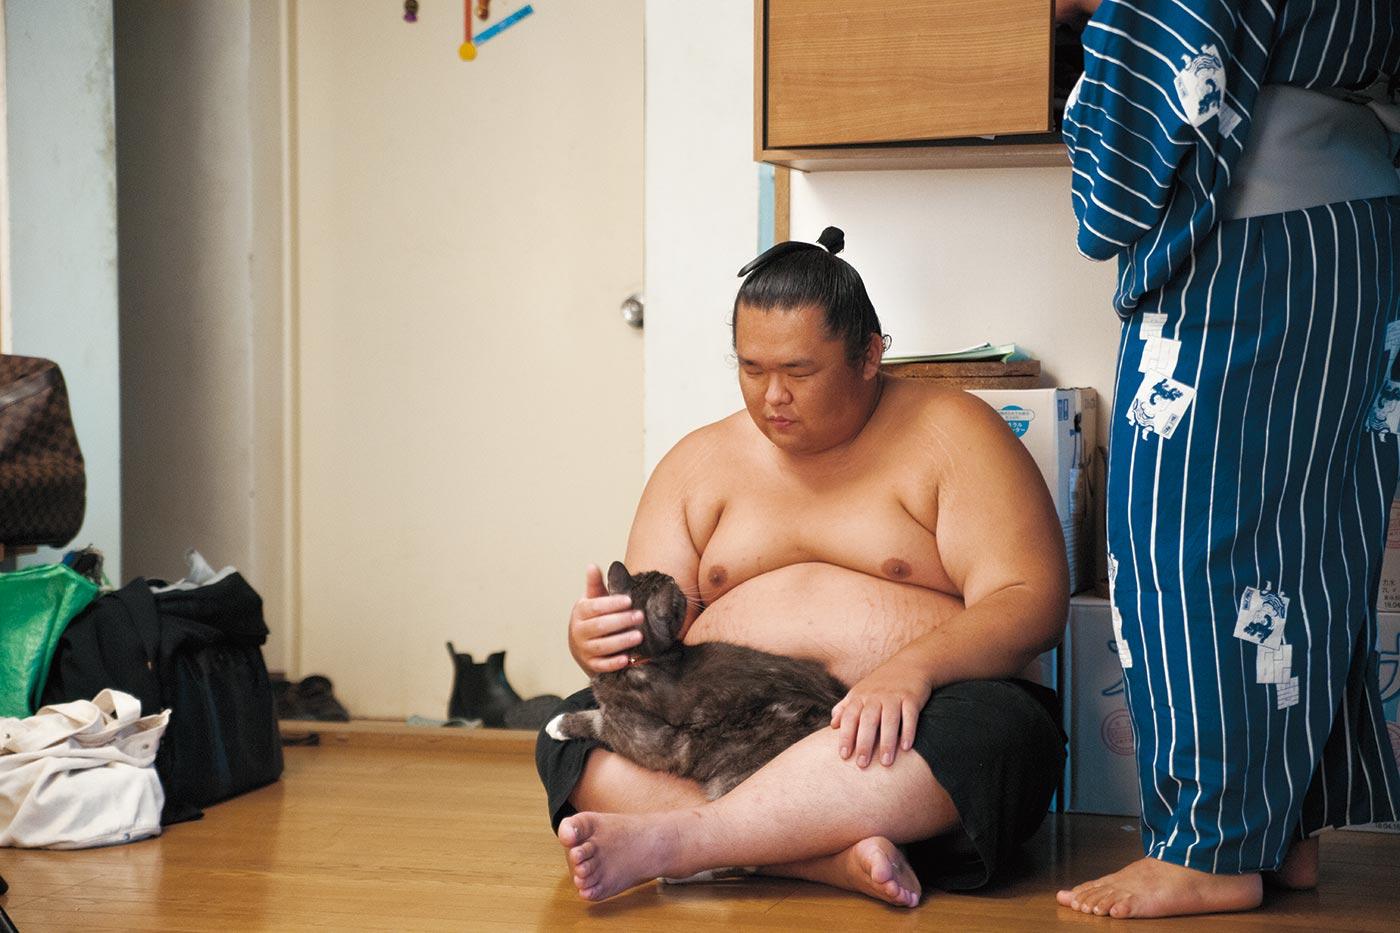 荒汐部屋のモルとムギ』出版記念 猫と力士のあかるい写真展 - ほぼ日刊 ...